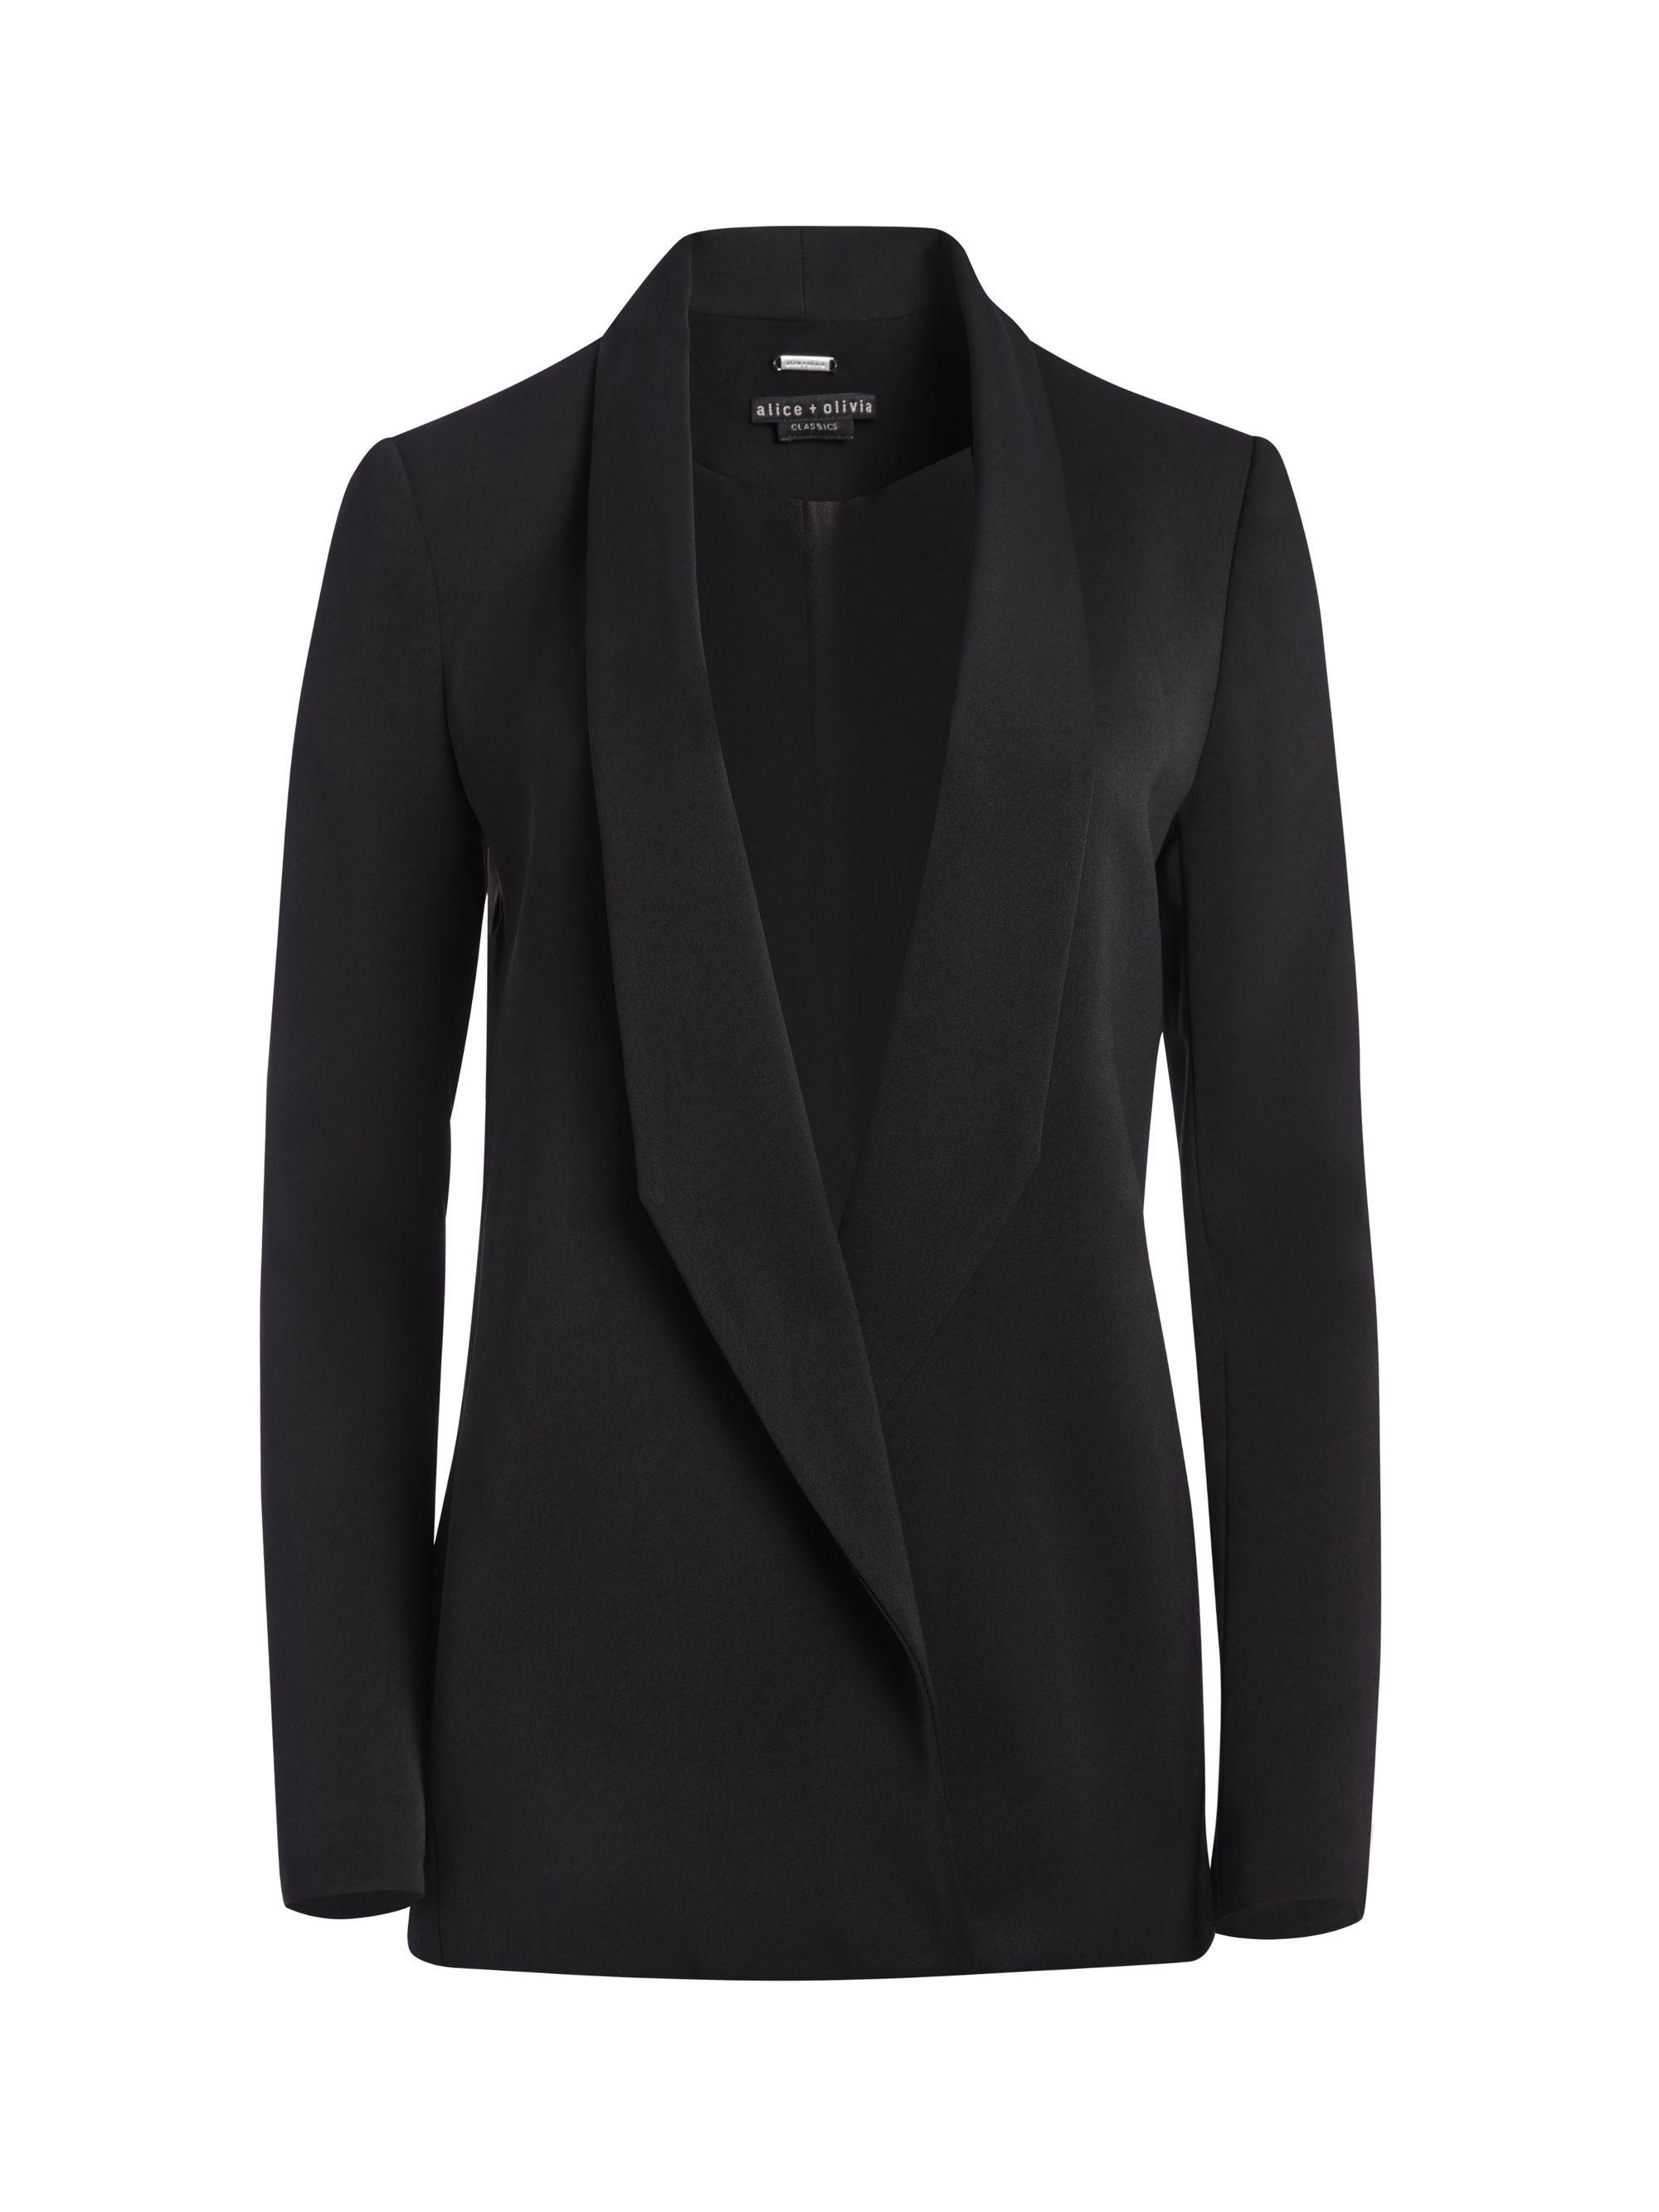 Xavier Draped Blazer Alice Olivia Blazer Outfits For Women Draped Blazer Blazer [ 2667 x 2000 Pixel ]